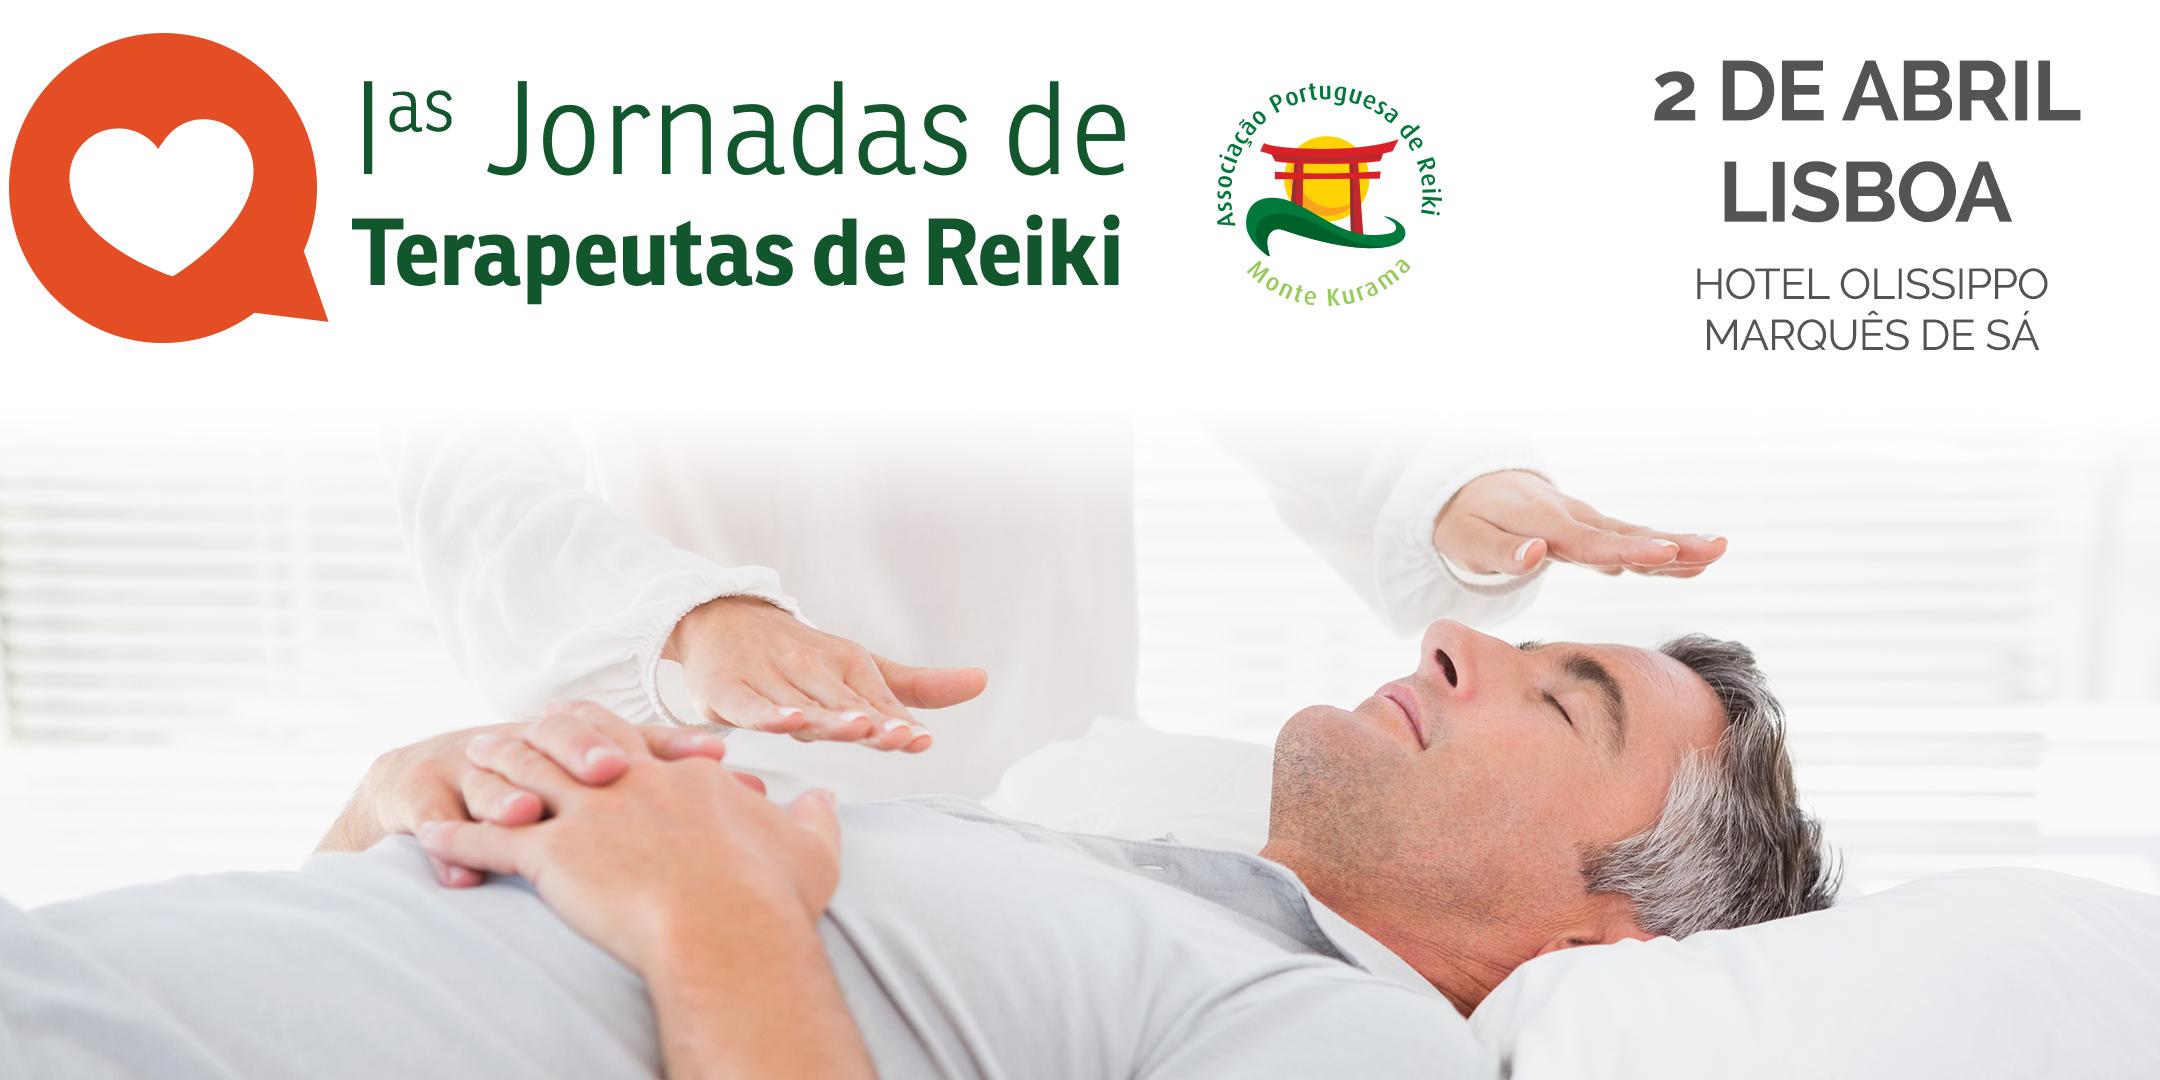 As 1as Jornadas de Terapeutas de Reiki um encontro de experiências e crescimento